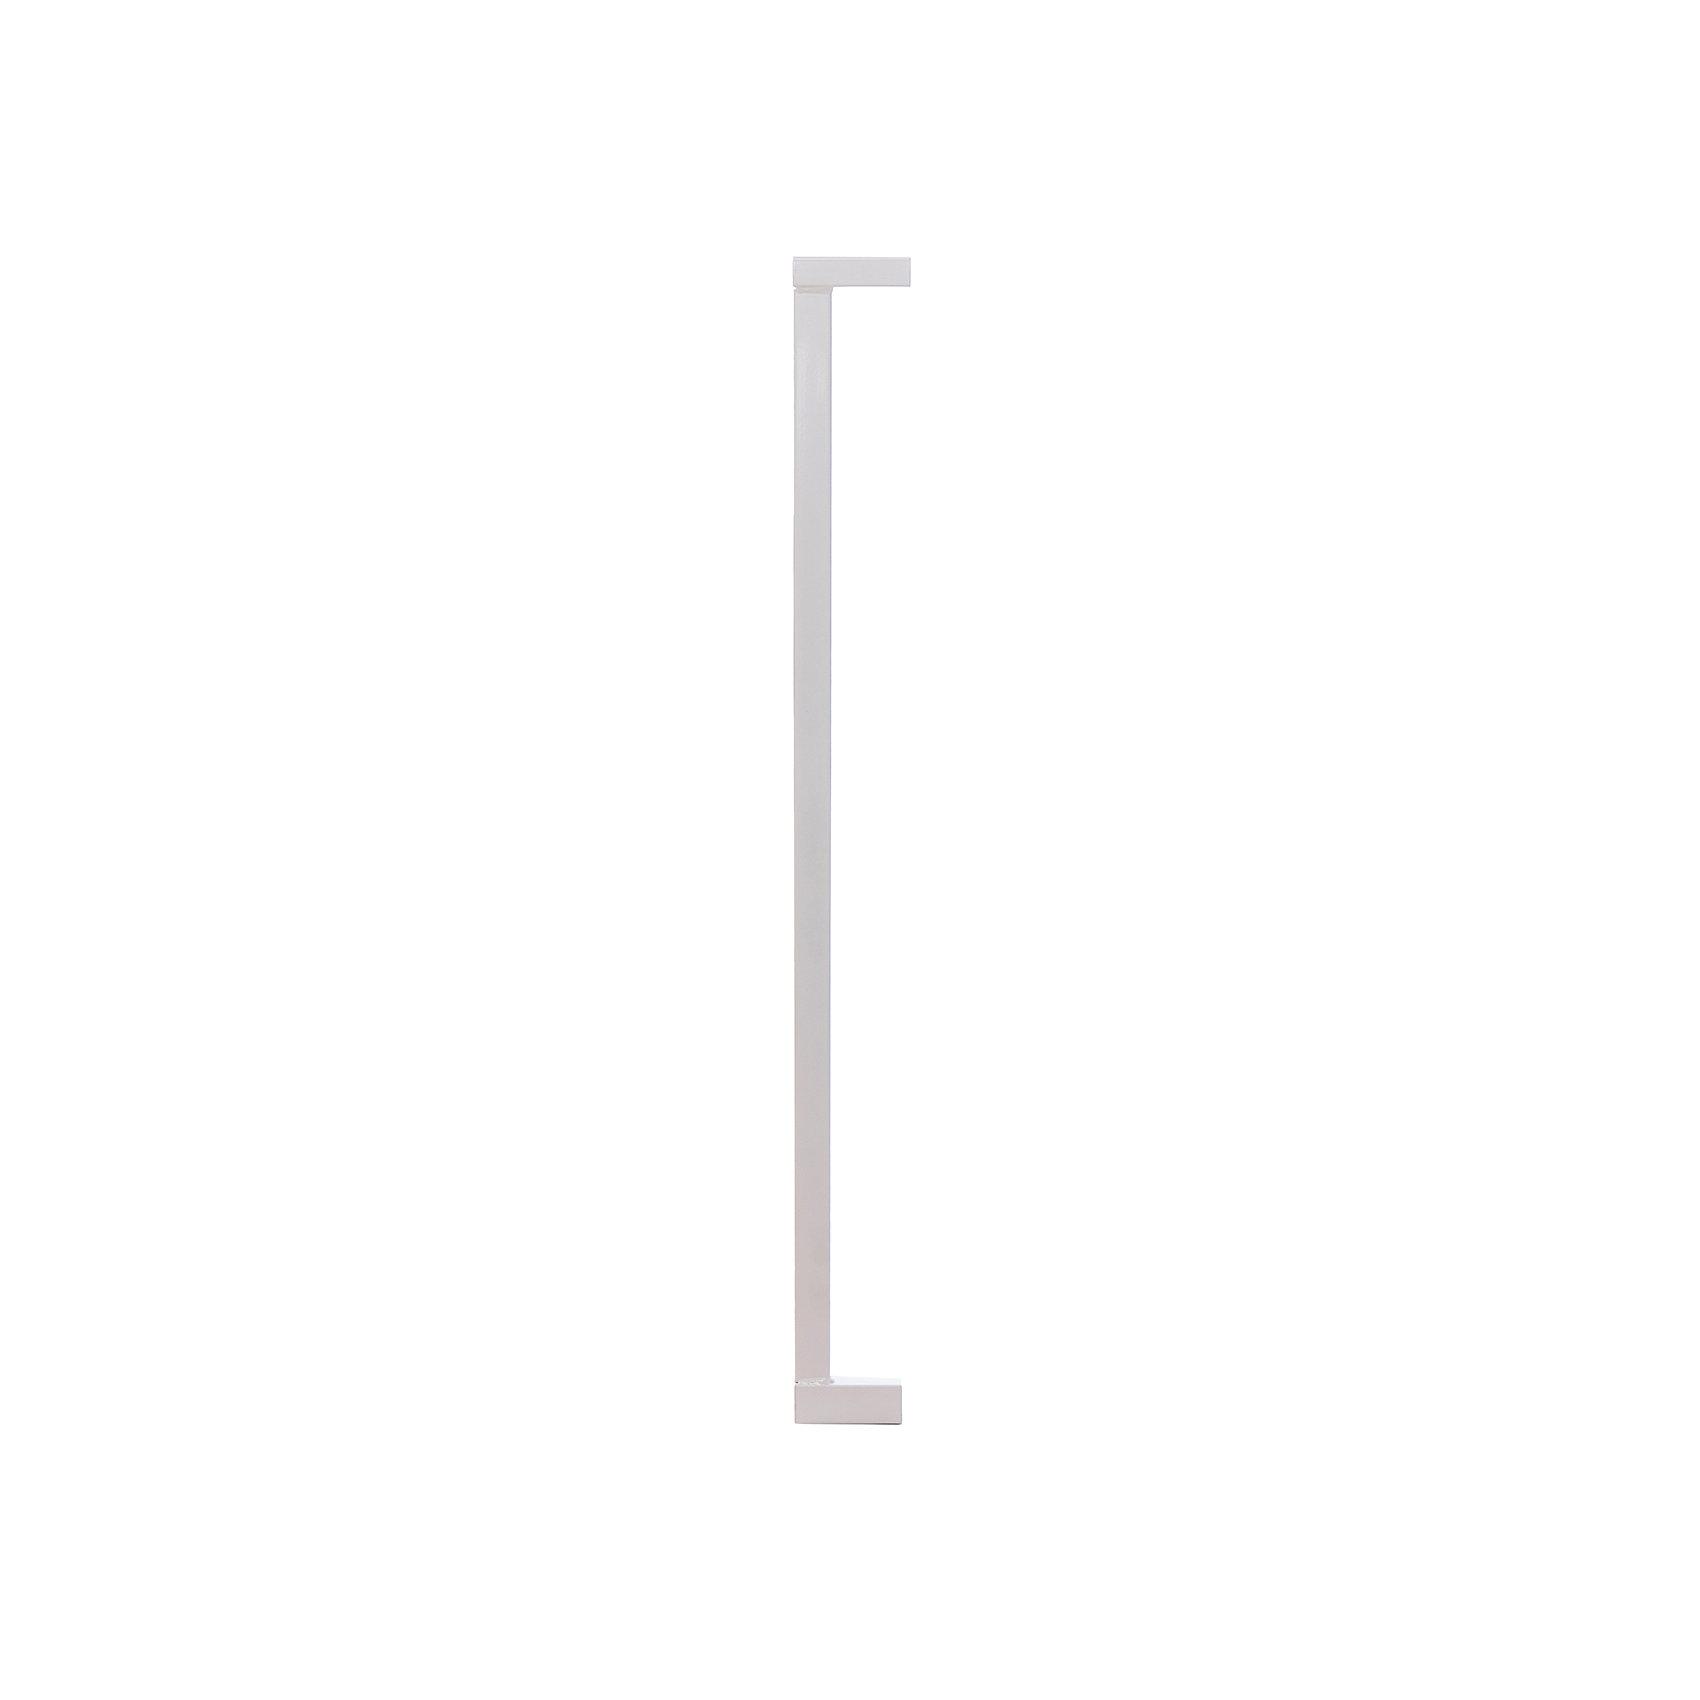 Дополнительная секция 8 см., Geuther, белый